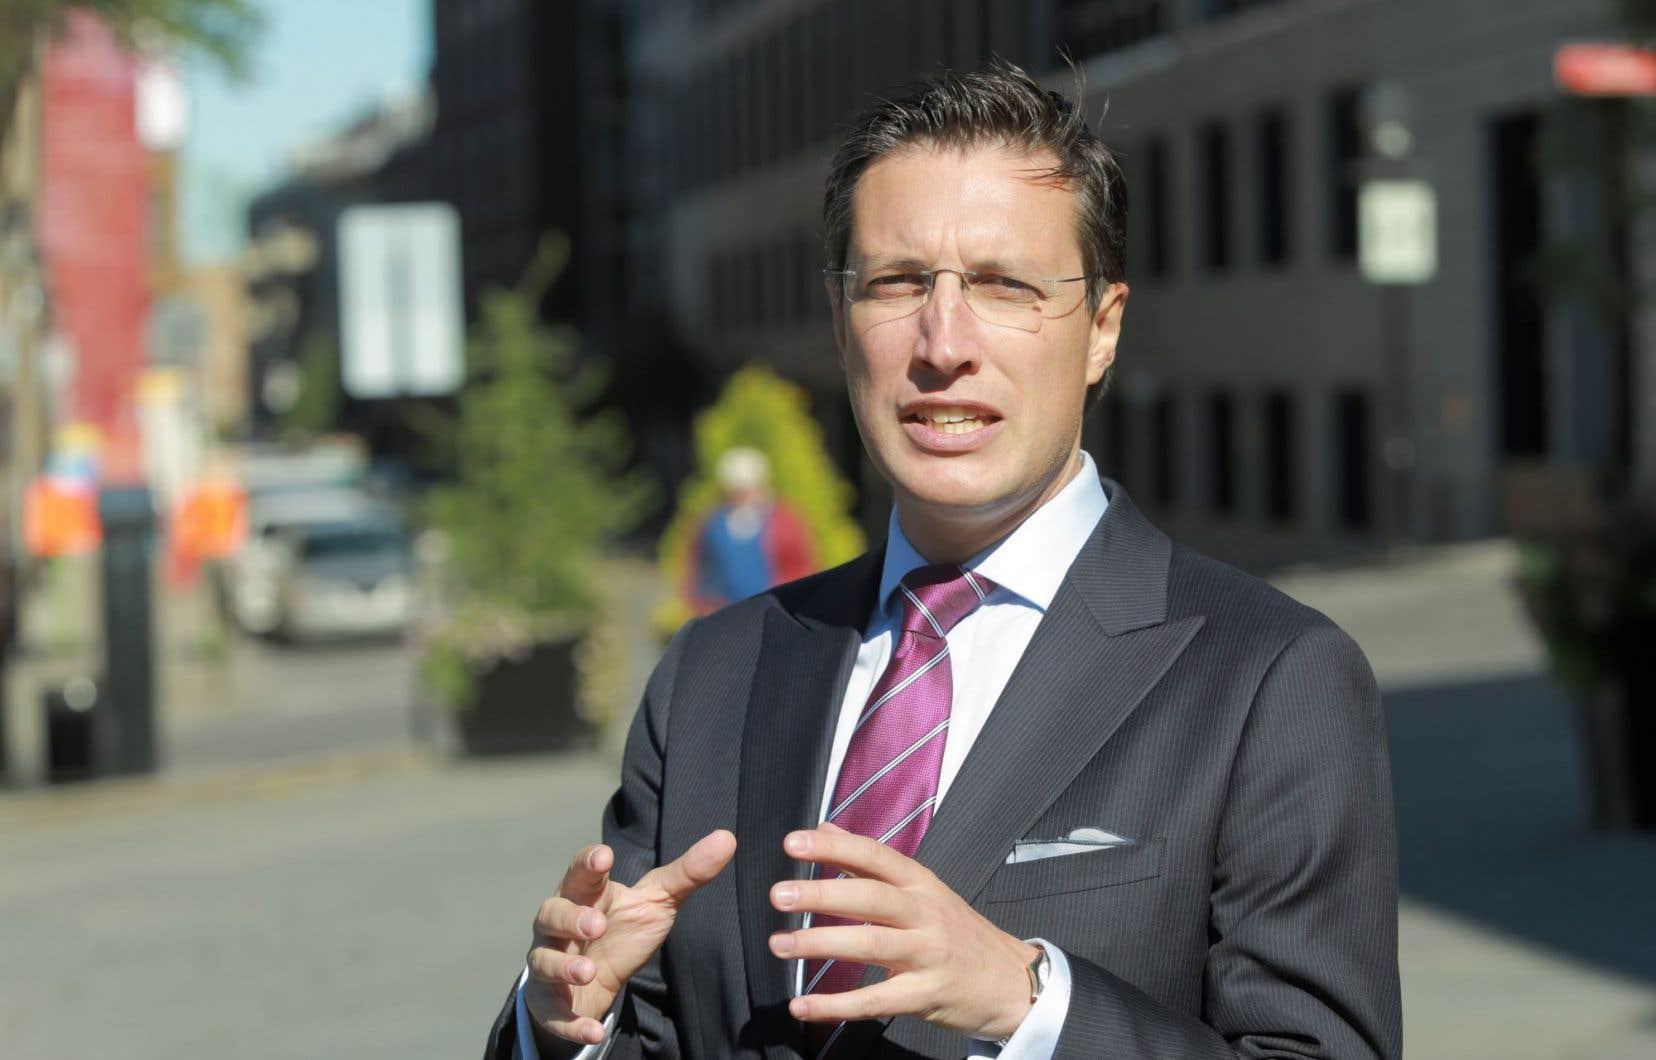 Guillaume Lavoie, candidat à la direction de Projet Montréal, est depuis longtemps une référence en matière de politiques publiques et de systèmes économiques tournés vers l'avenir.